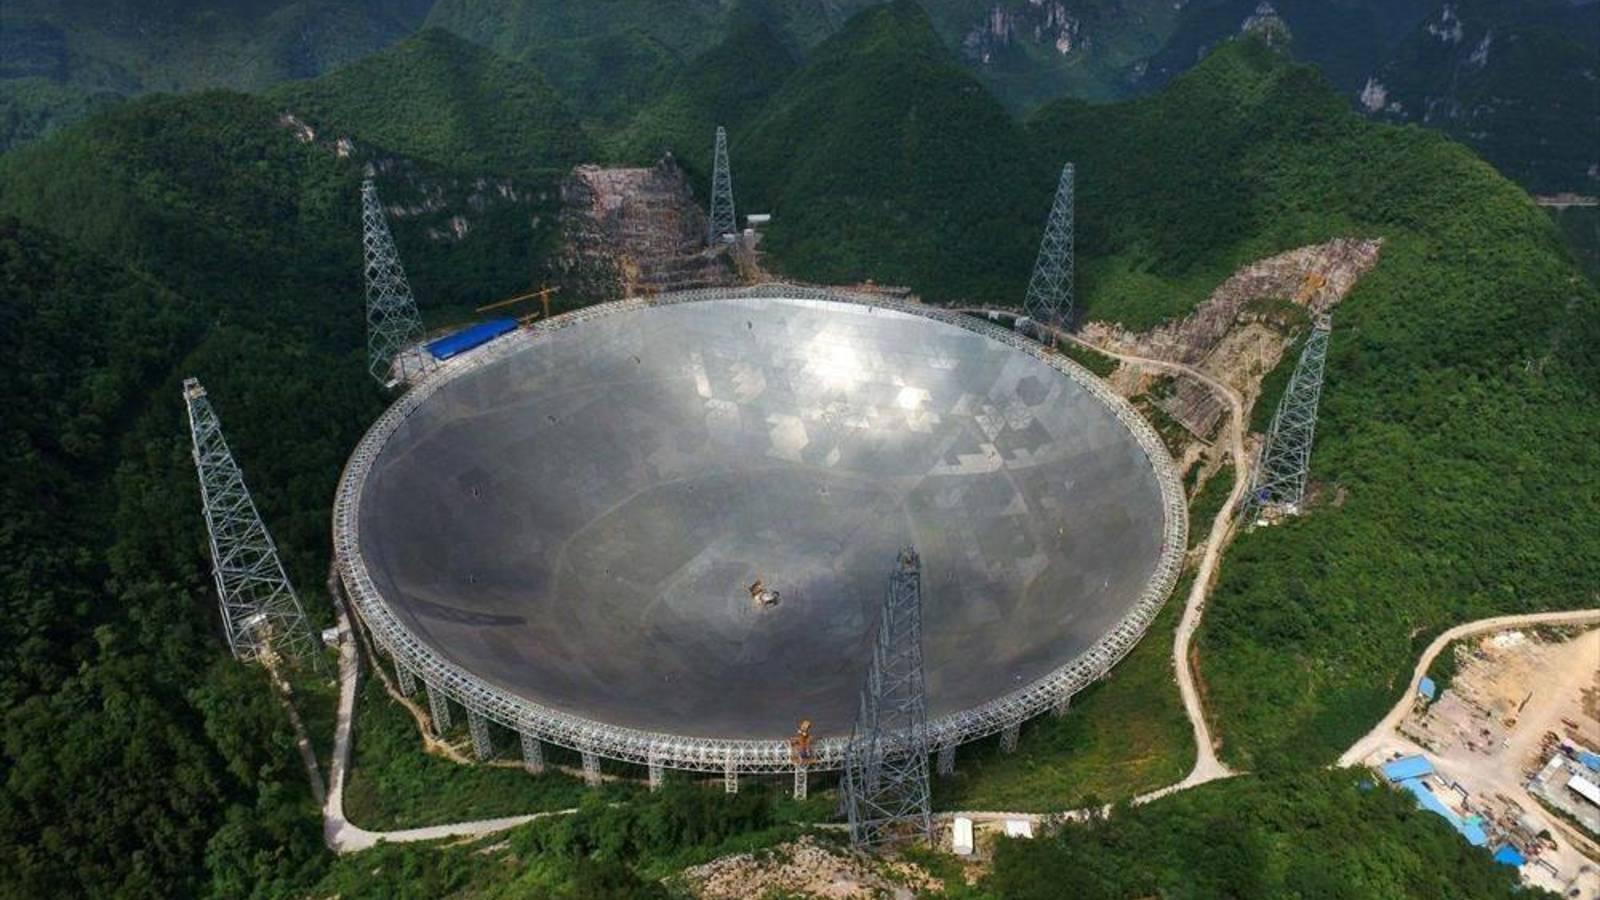 1.2 millones de dólares para dirigir el radiotelescopio más grande del mundo y buscar extraterrestres